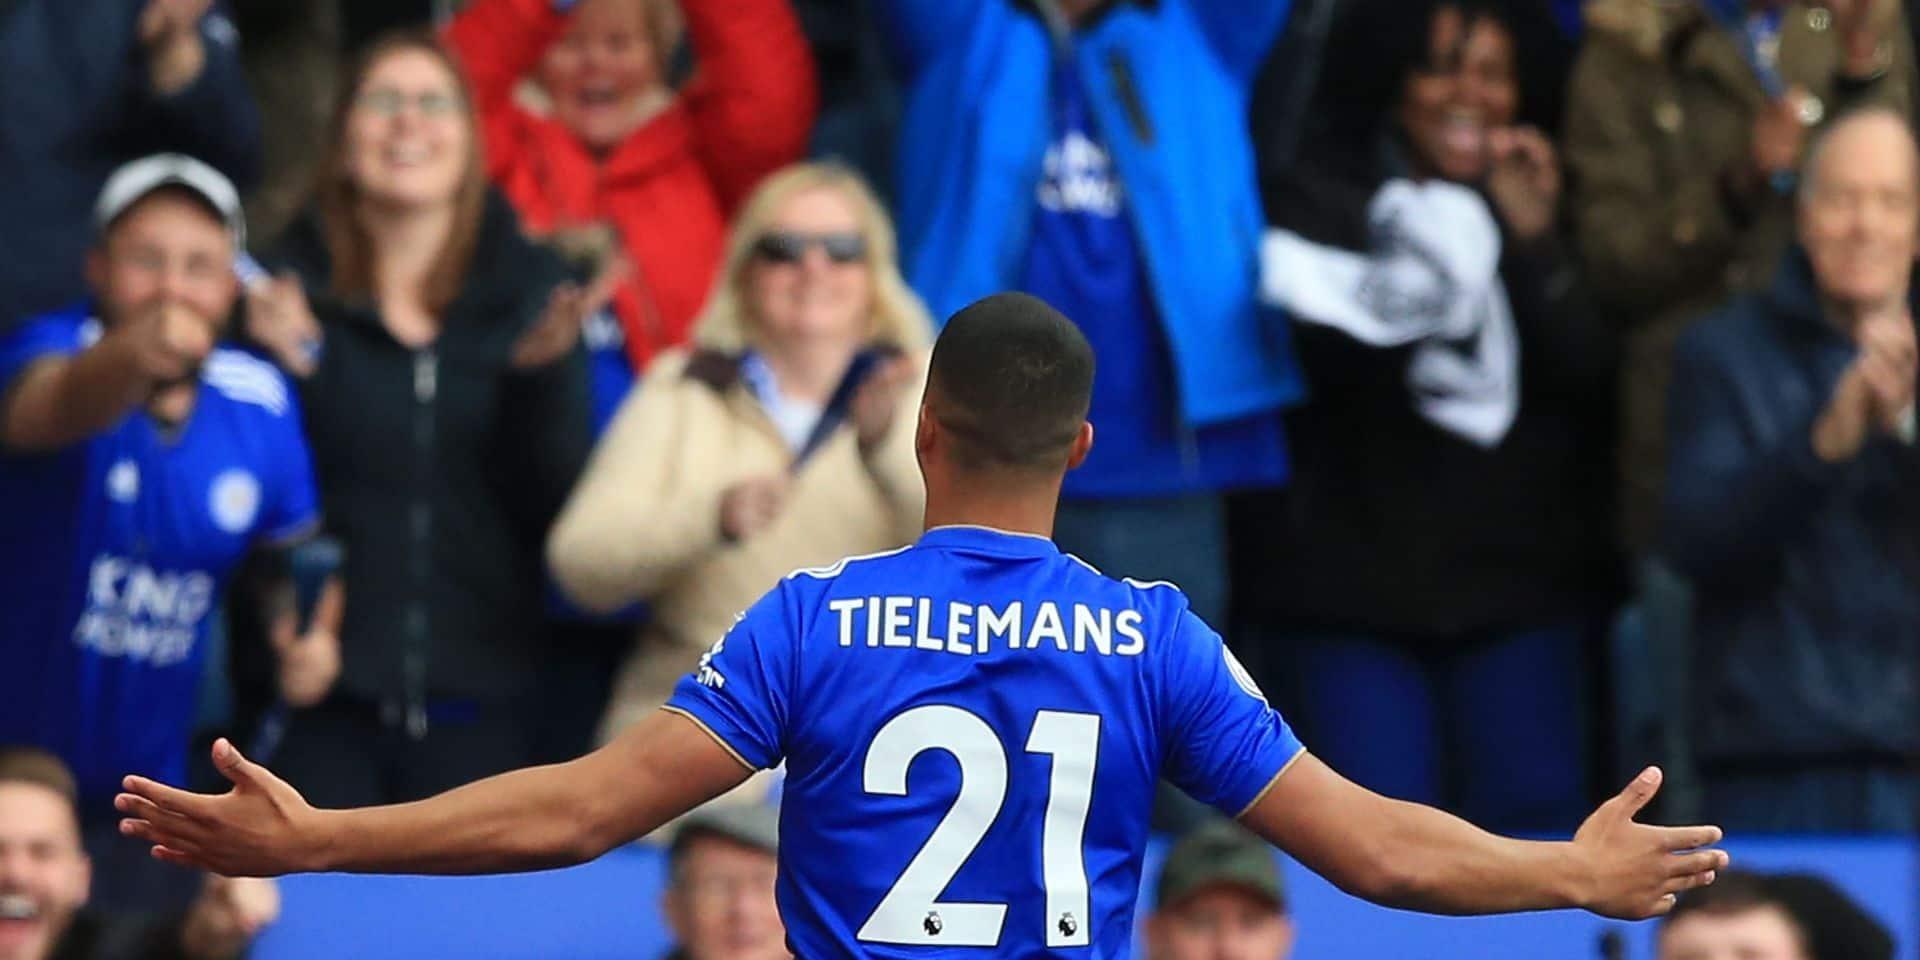 Tielemans bientôt aux côtés de De Bruyne à Manchester City?